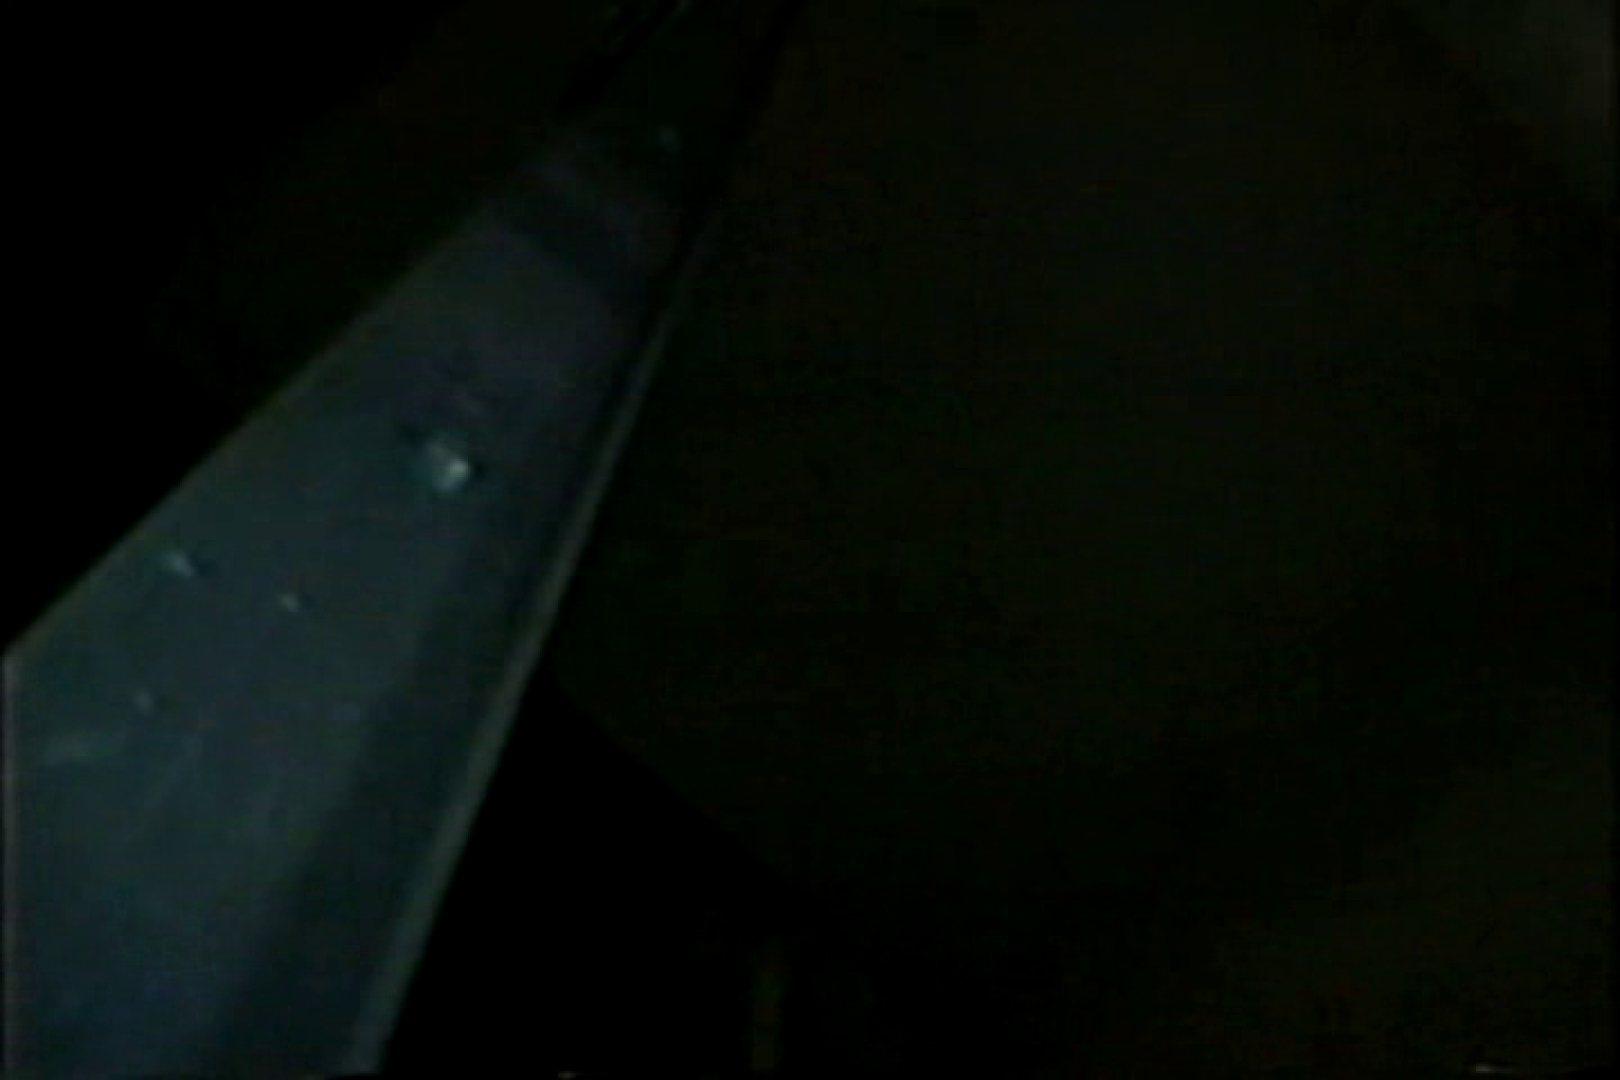 洋式洗面所オリジナルVol.1 独身エッチOL | 盗撮  26pic 16